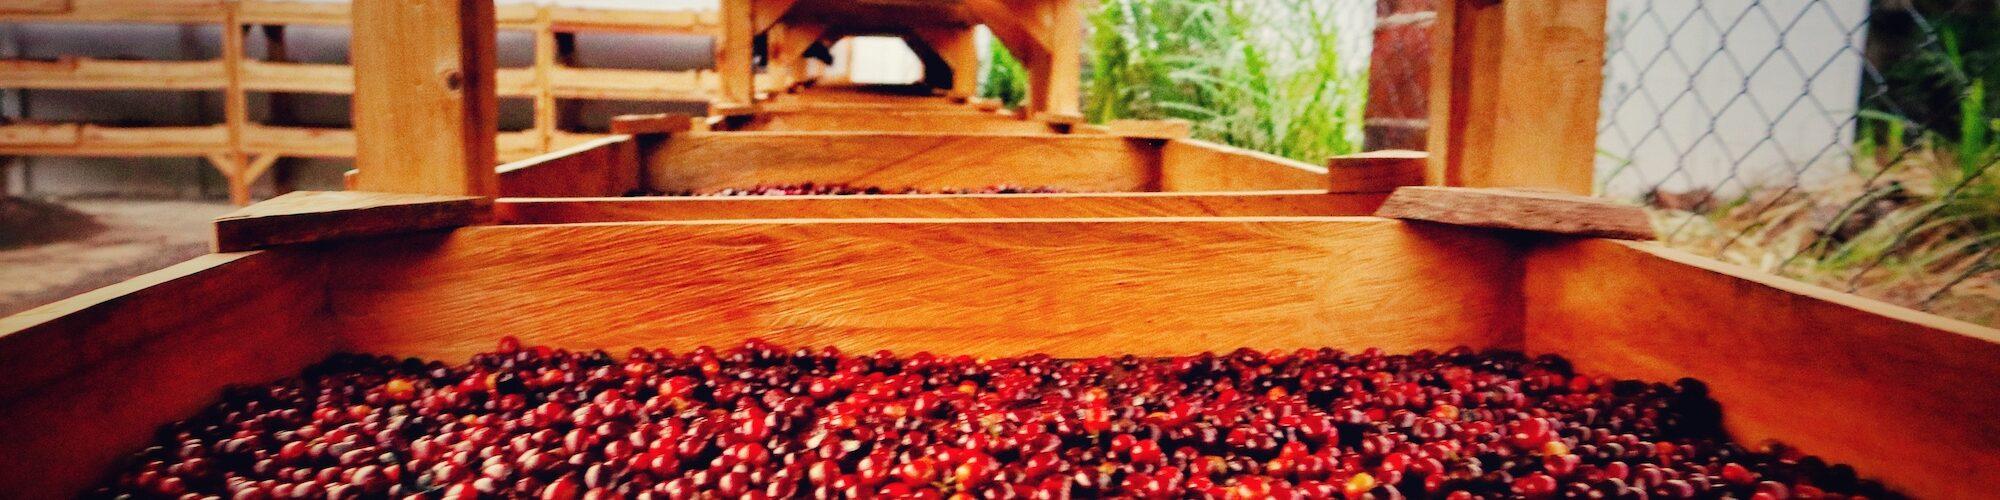 Kaffeebohnen, bzw. Kaffee Kirschen in der trockenen Aufbereitung auf African Beds. Die Aufbereitung und Fermentation sind wichtige Informationen für den Geschmack.